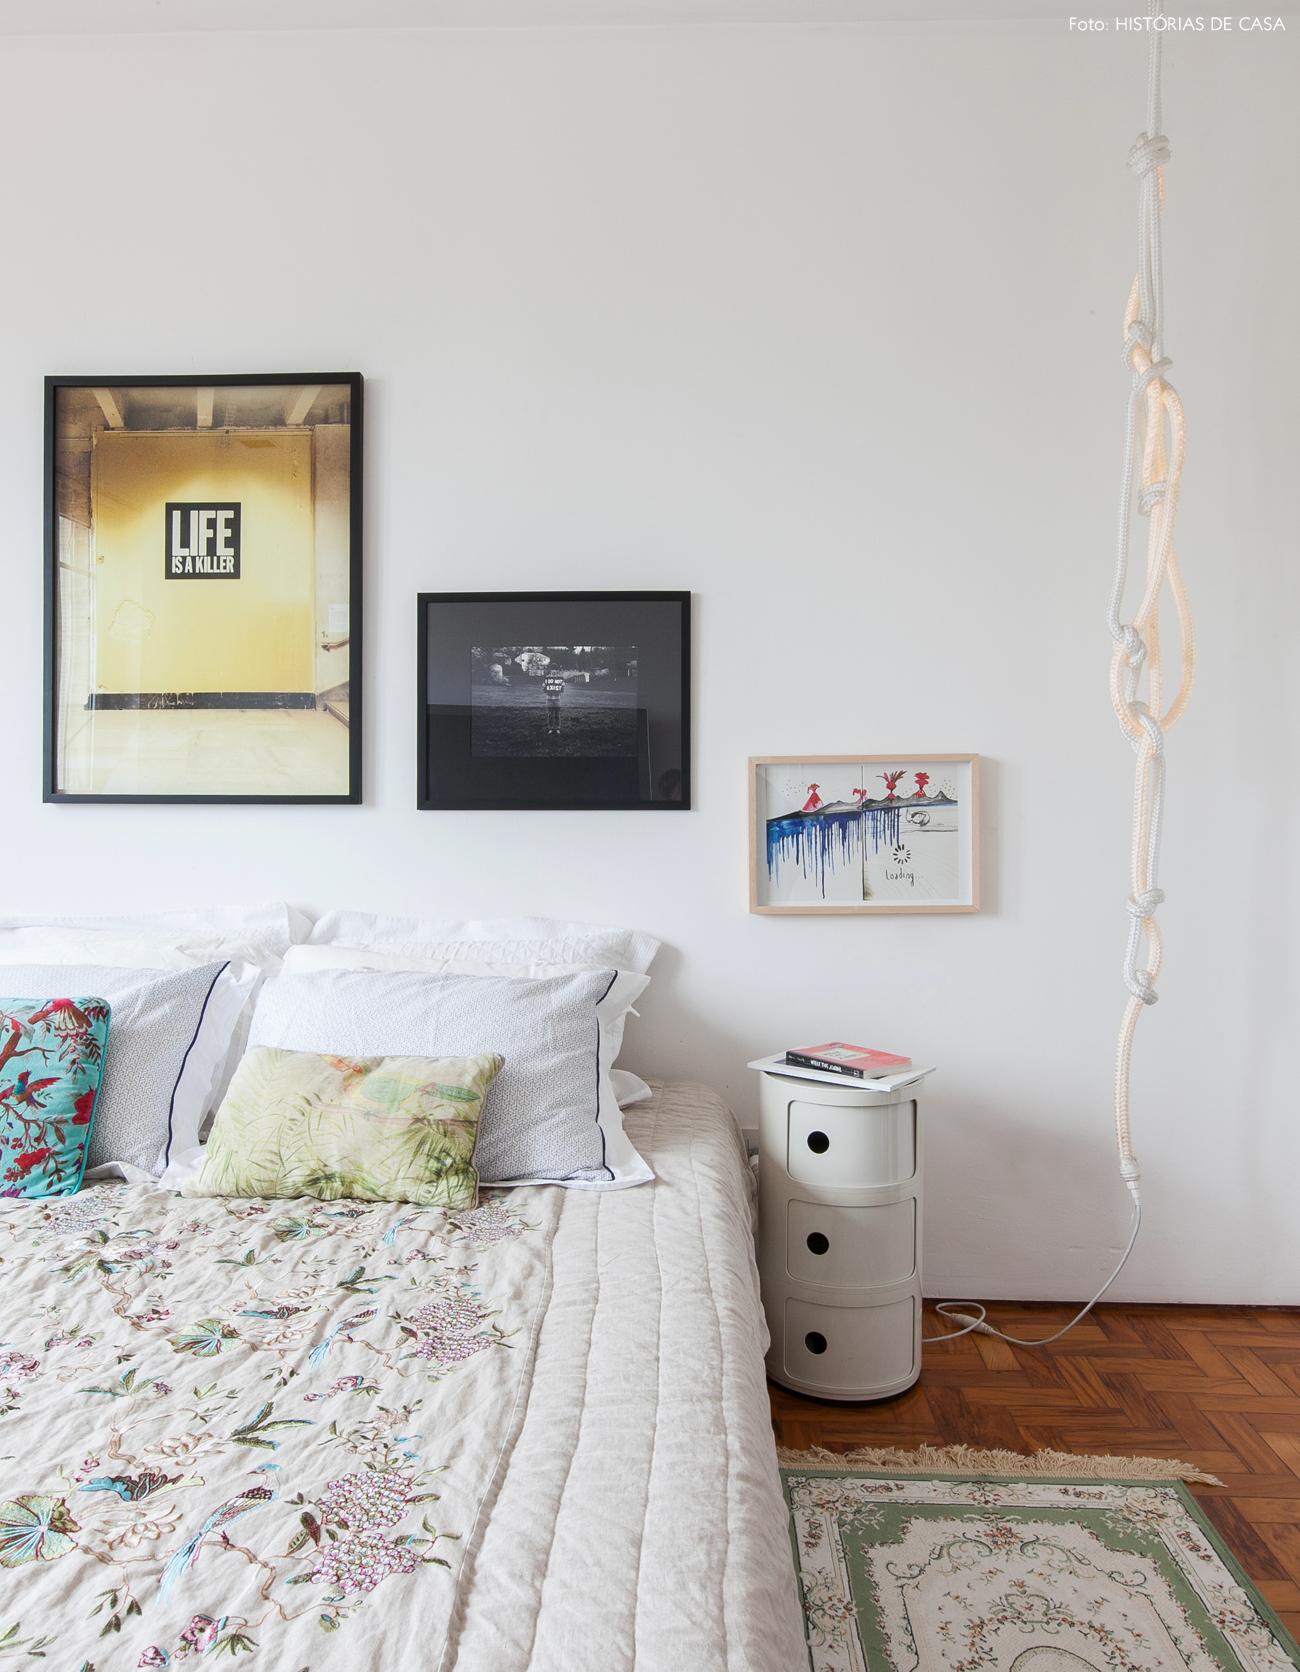 35-decoracao-apartamento-quarto-branco-tecidos-estampados